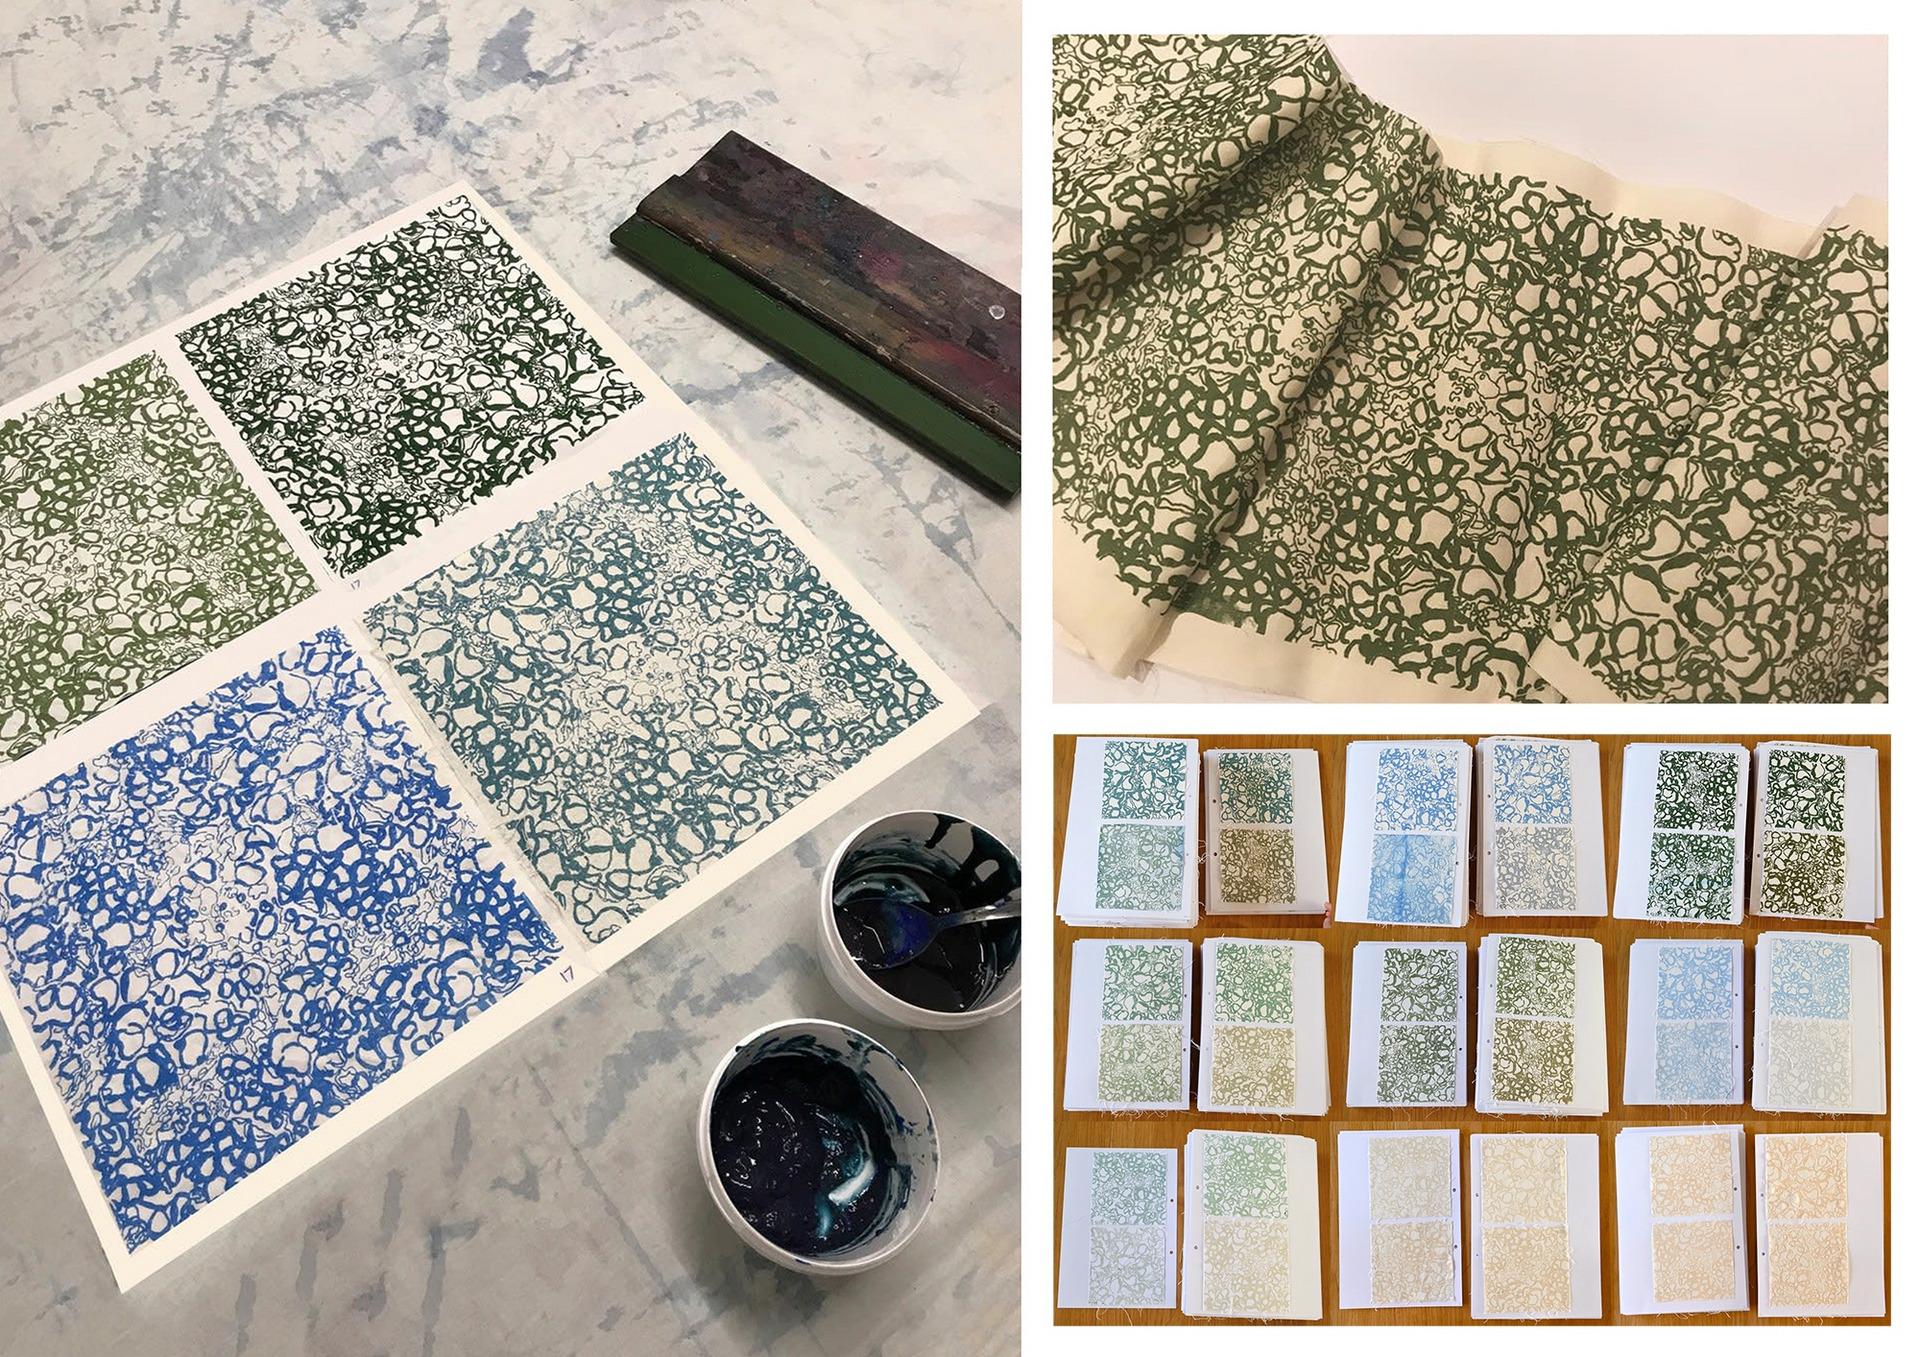 Developing & Testing Algae Print Pastes